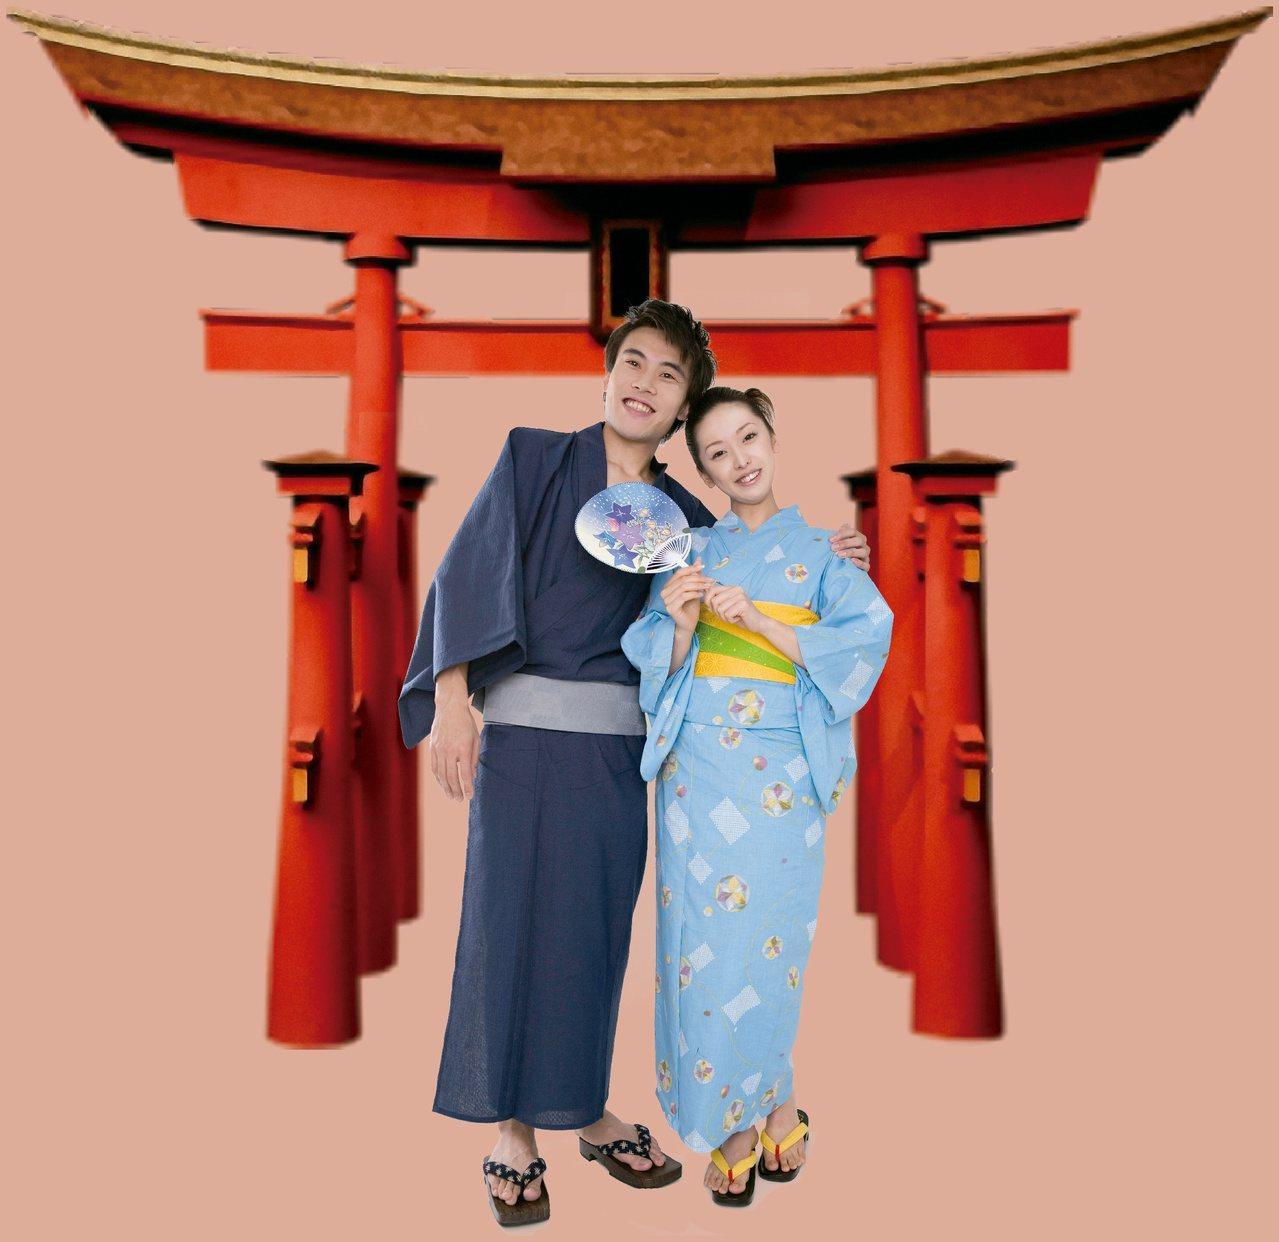 統一時代元旦推出限定日系福袋與福袋茶會,憑購買福袋發票可體驗日本造景街拍等活動。...